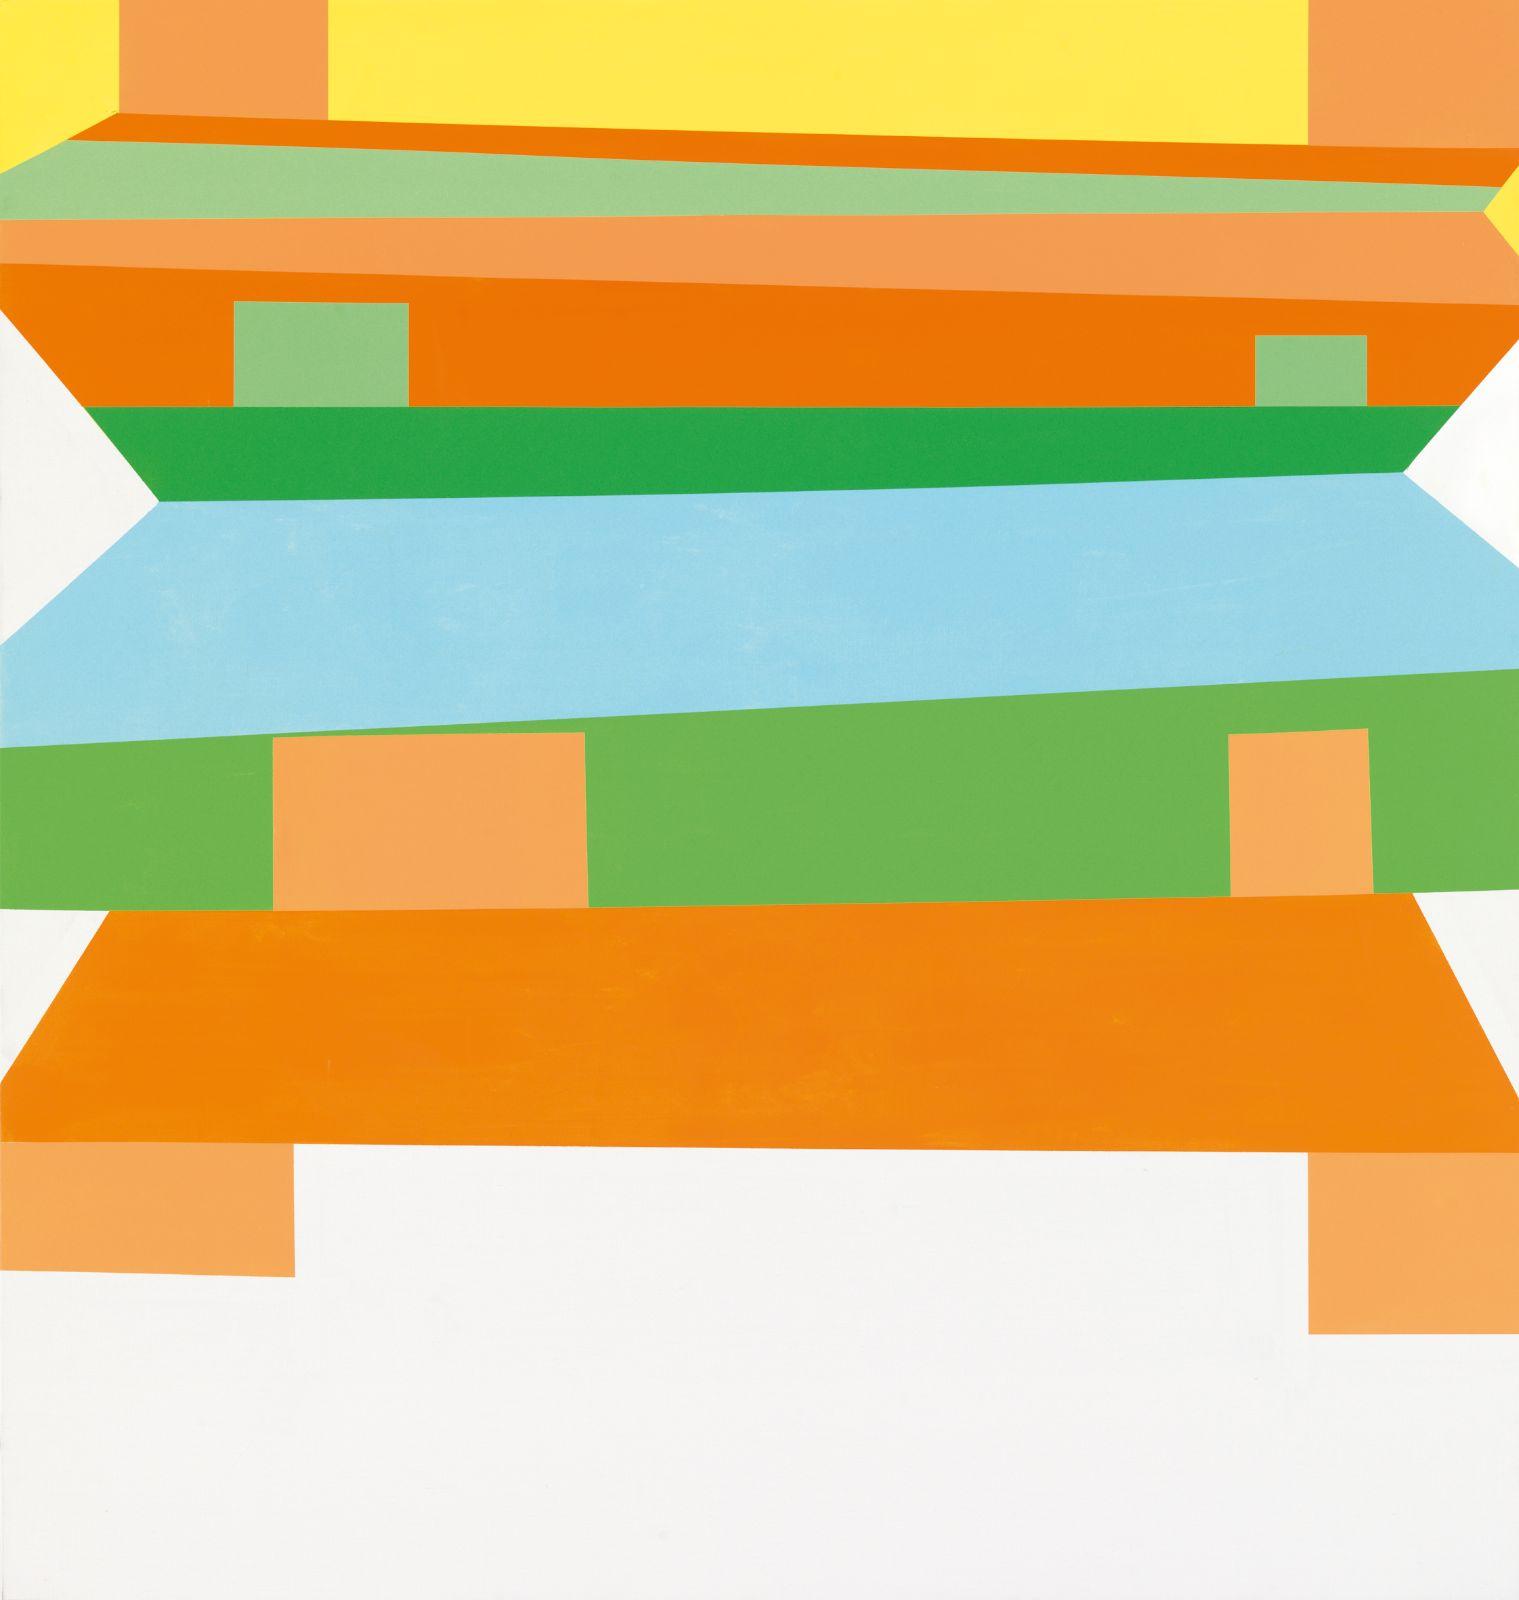 Panorama/Preface, 2008-09, acrylic on canvas, 195 x 185 cm